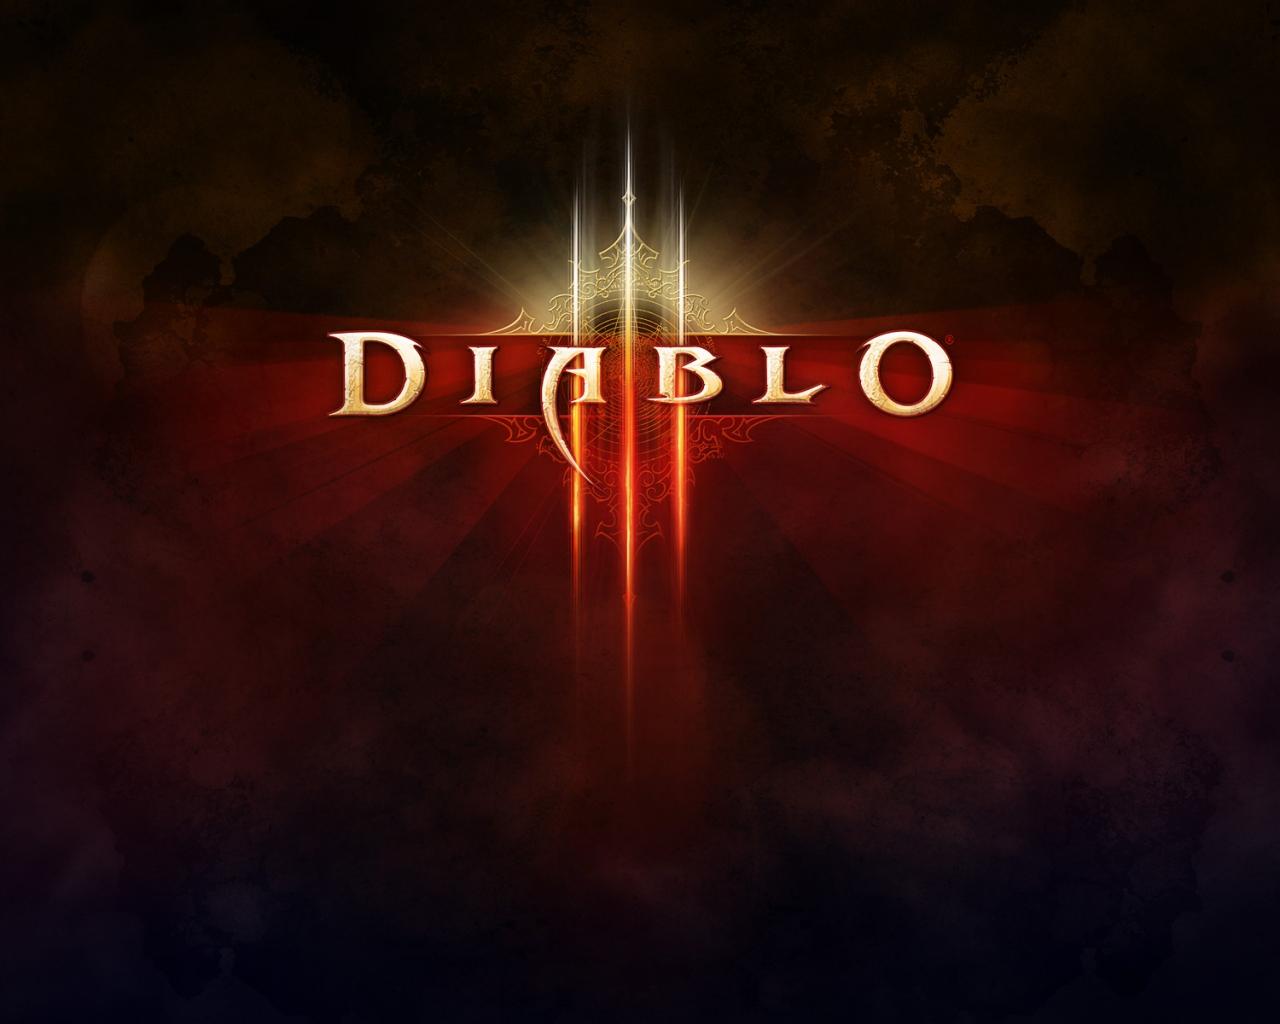 Diablo 3 - 1280x1024